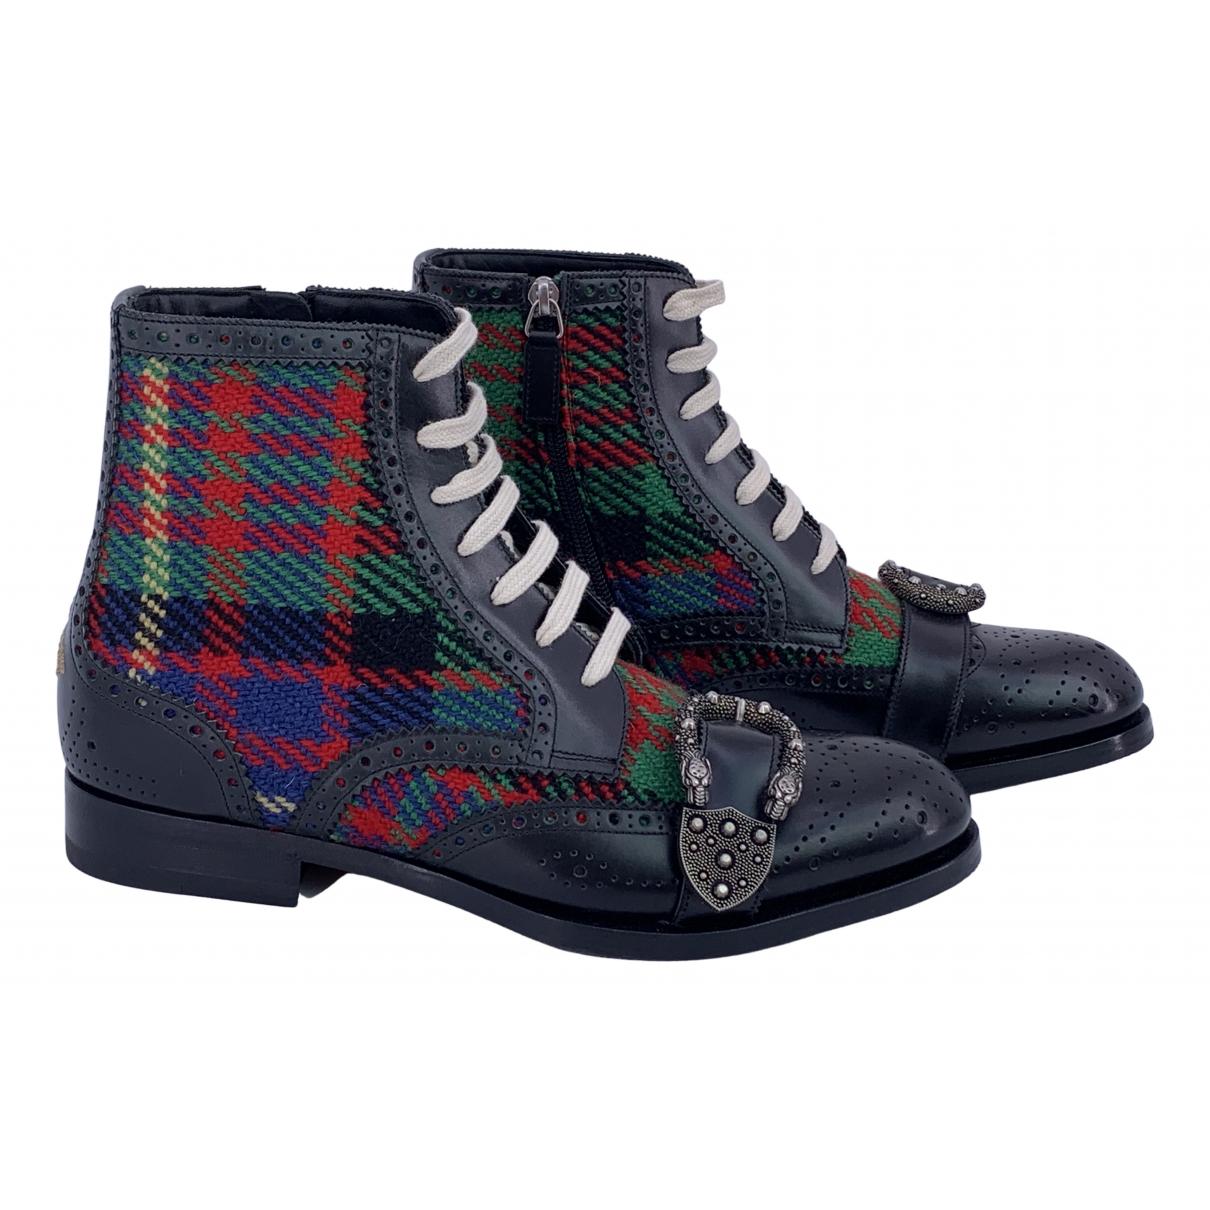 Gucci - Bottes.Boots   pour homme en cuir - multicolore